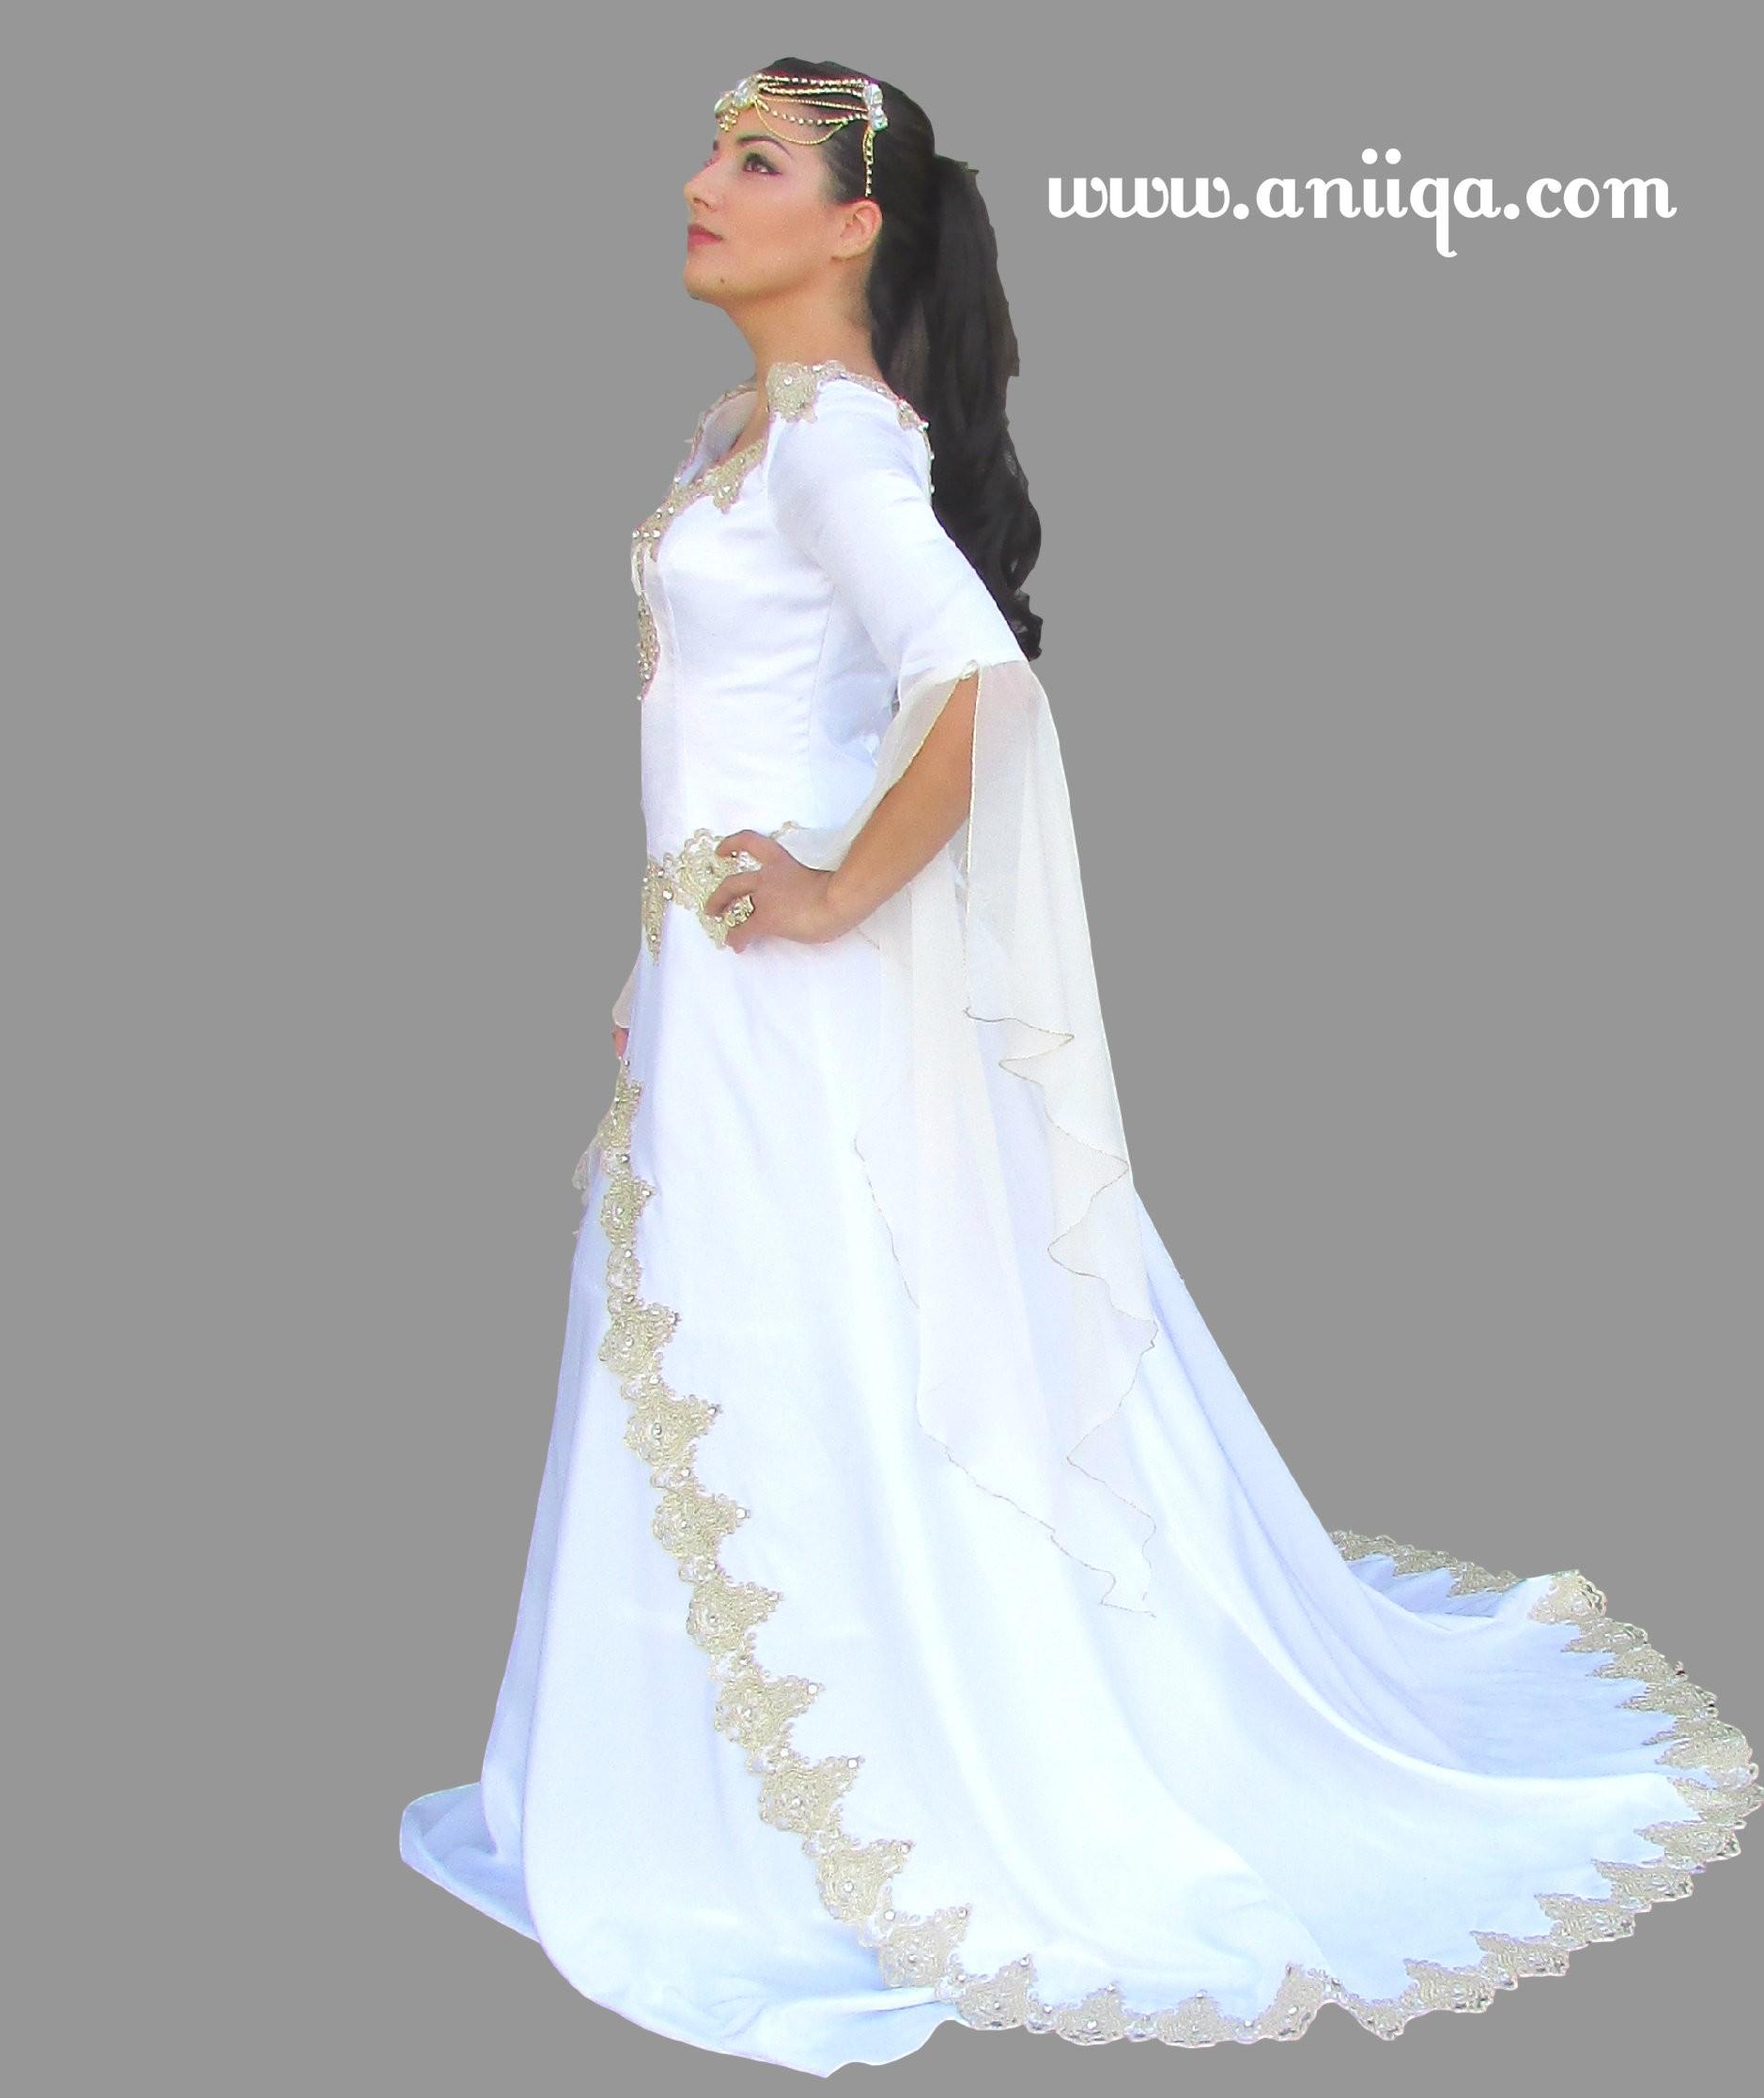 Robe De Mariee Arabe Et Musulmane Orientale Pas Cher